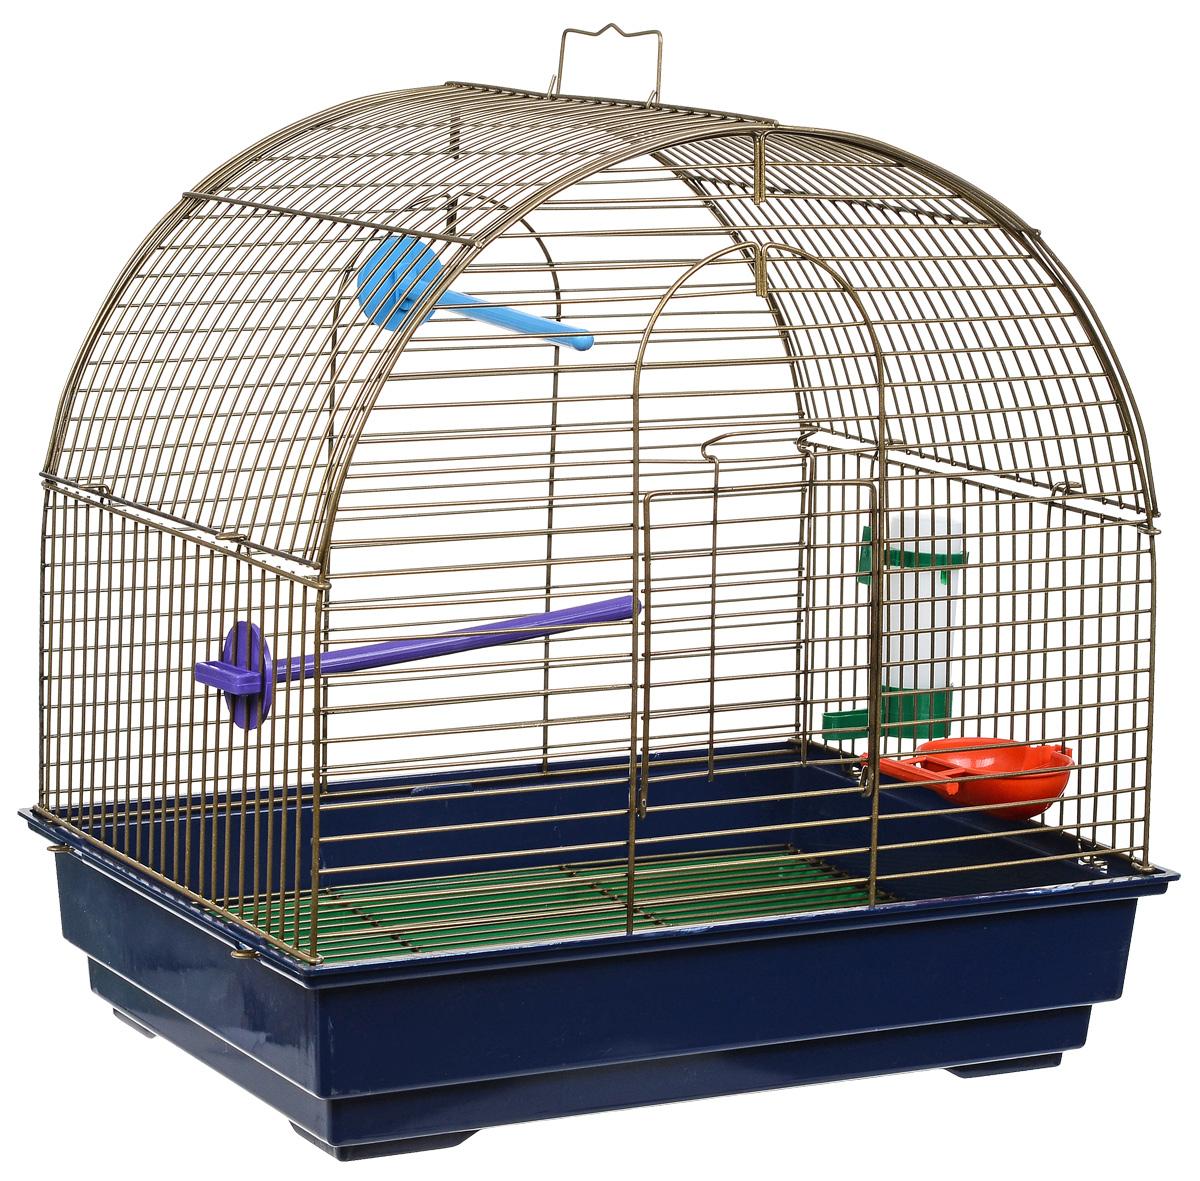 Клетка для птиц Велес Lusy Mini, разборная, цвет: золотистый, синий, 30 х 42 х 40 см клетка для грызунов велес с полками цвет серый 40 х 58 х 45 см